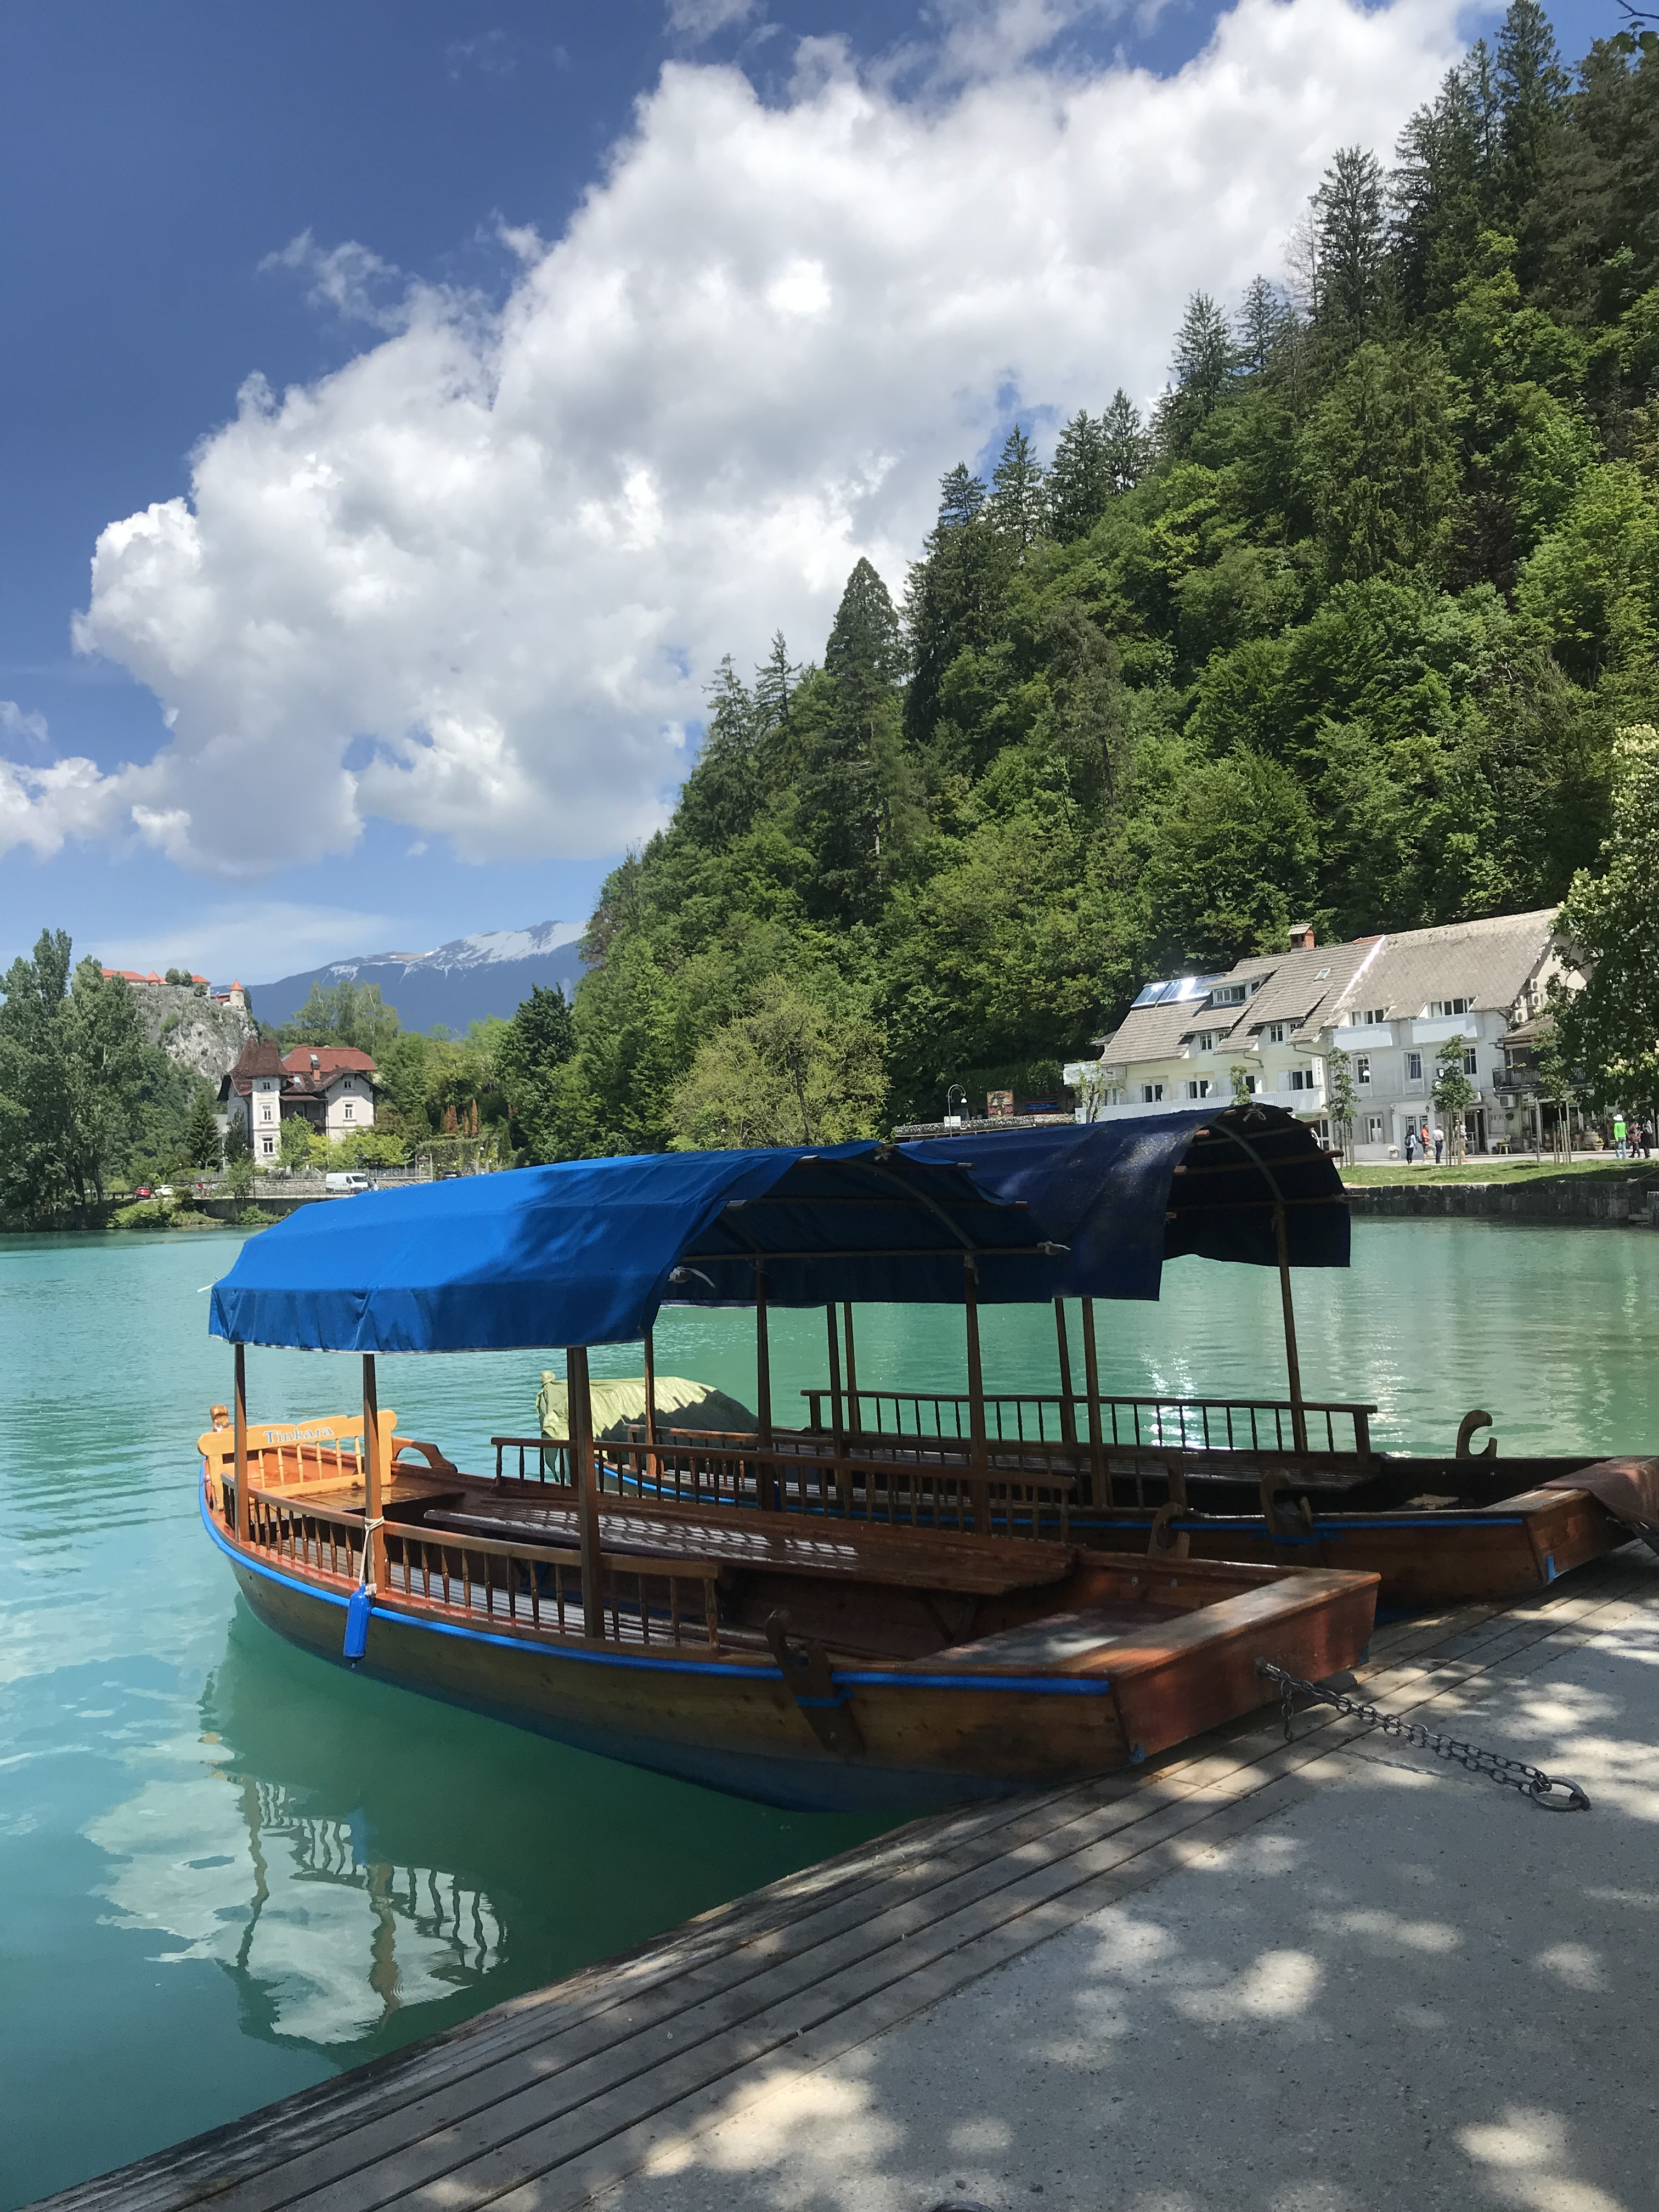 Pletna Boat on Lake Bled